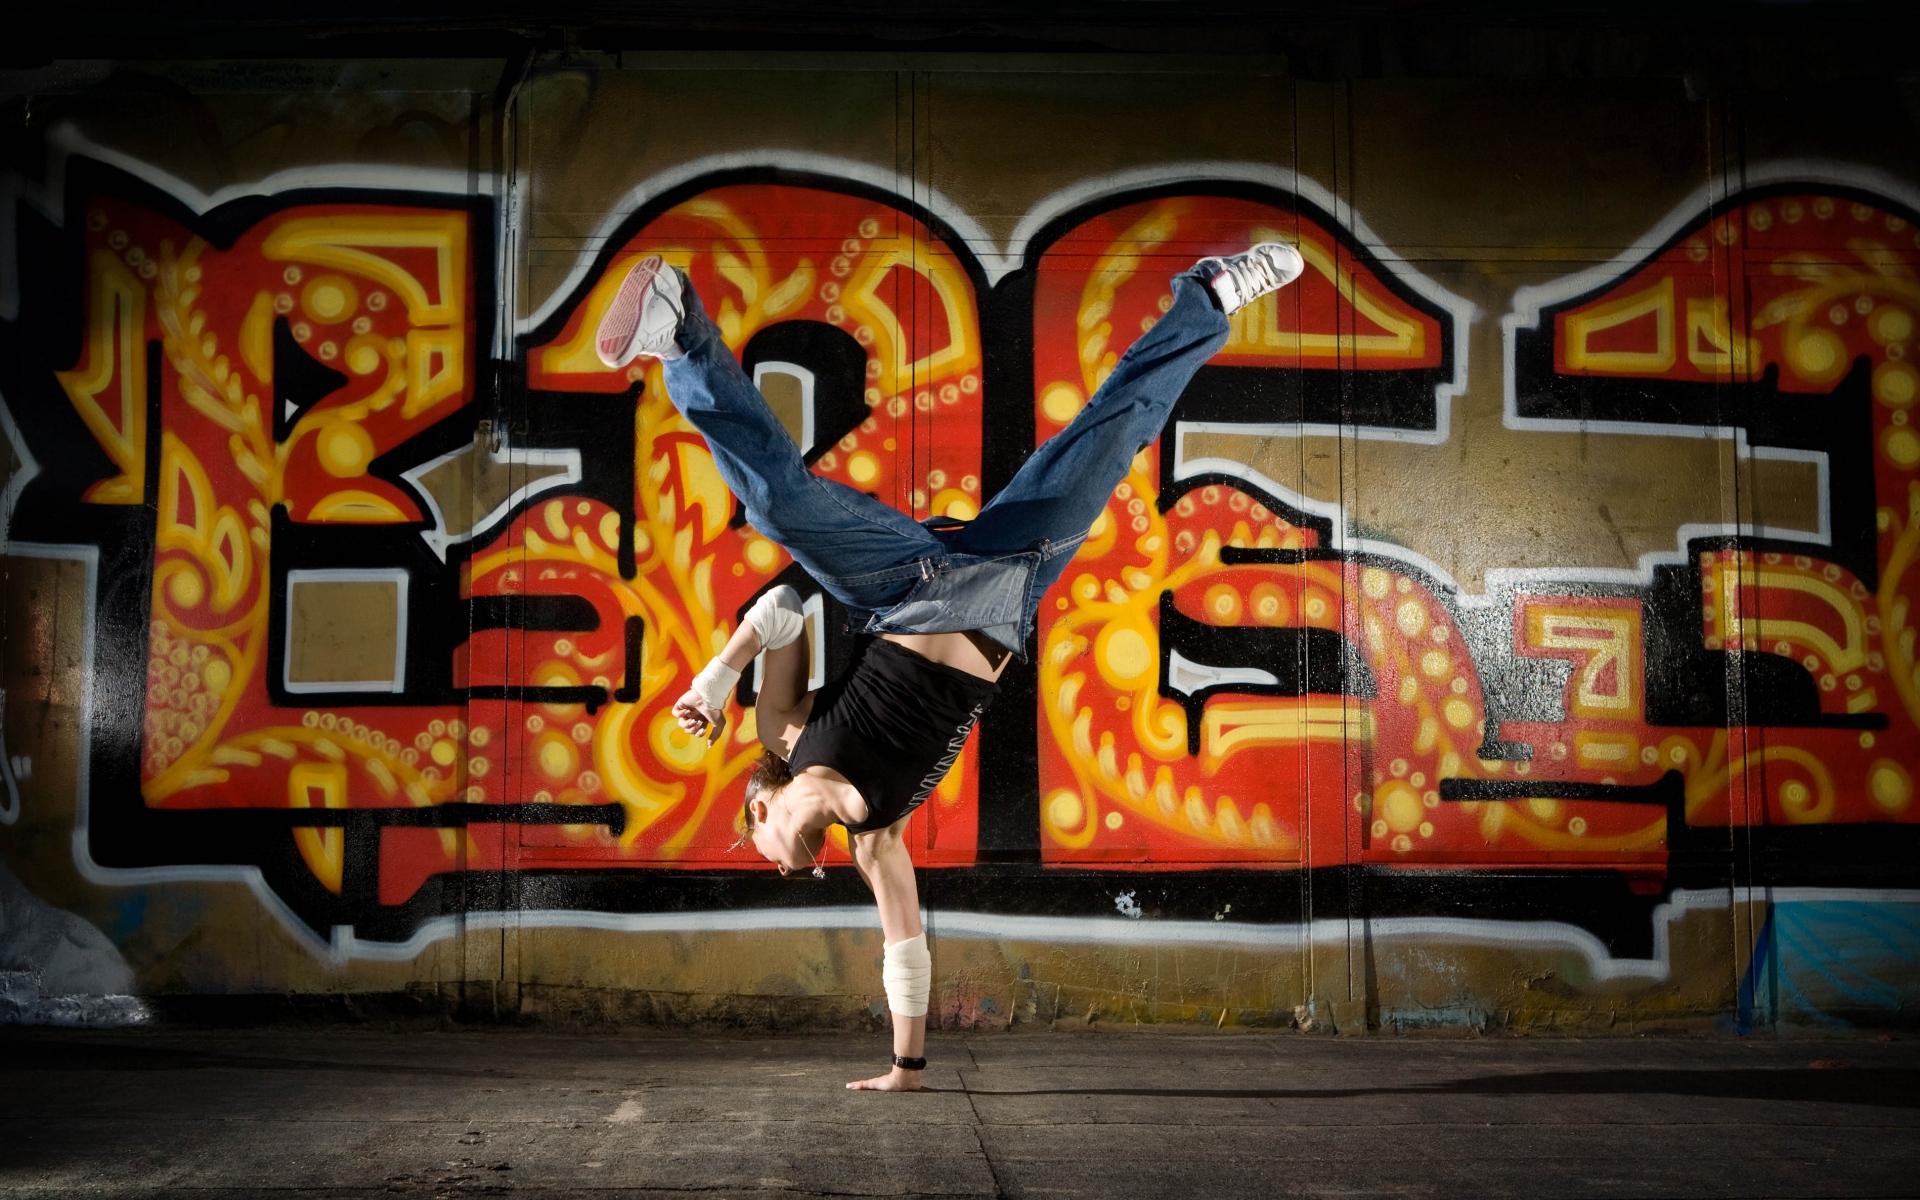 Обои с танцами на стену эту